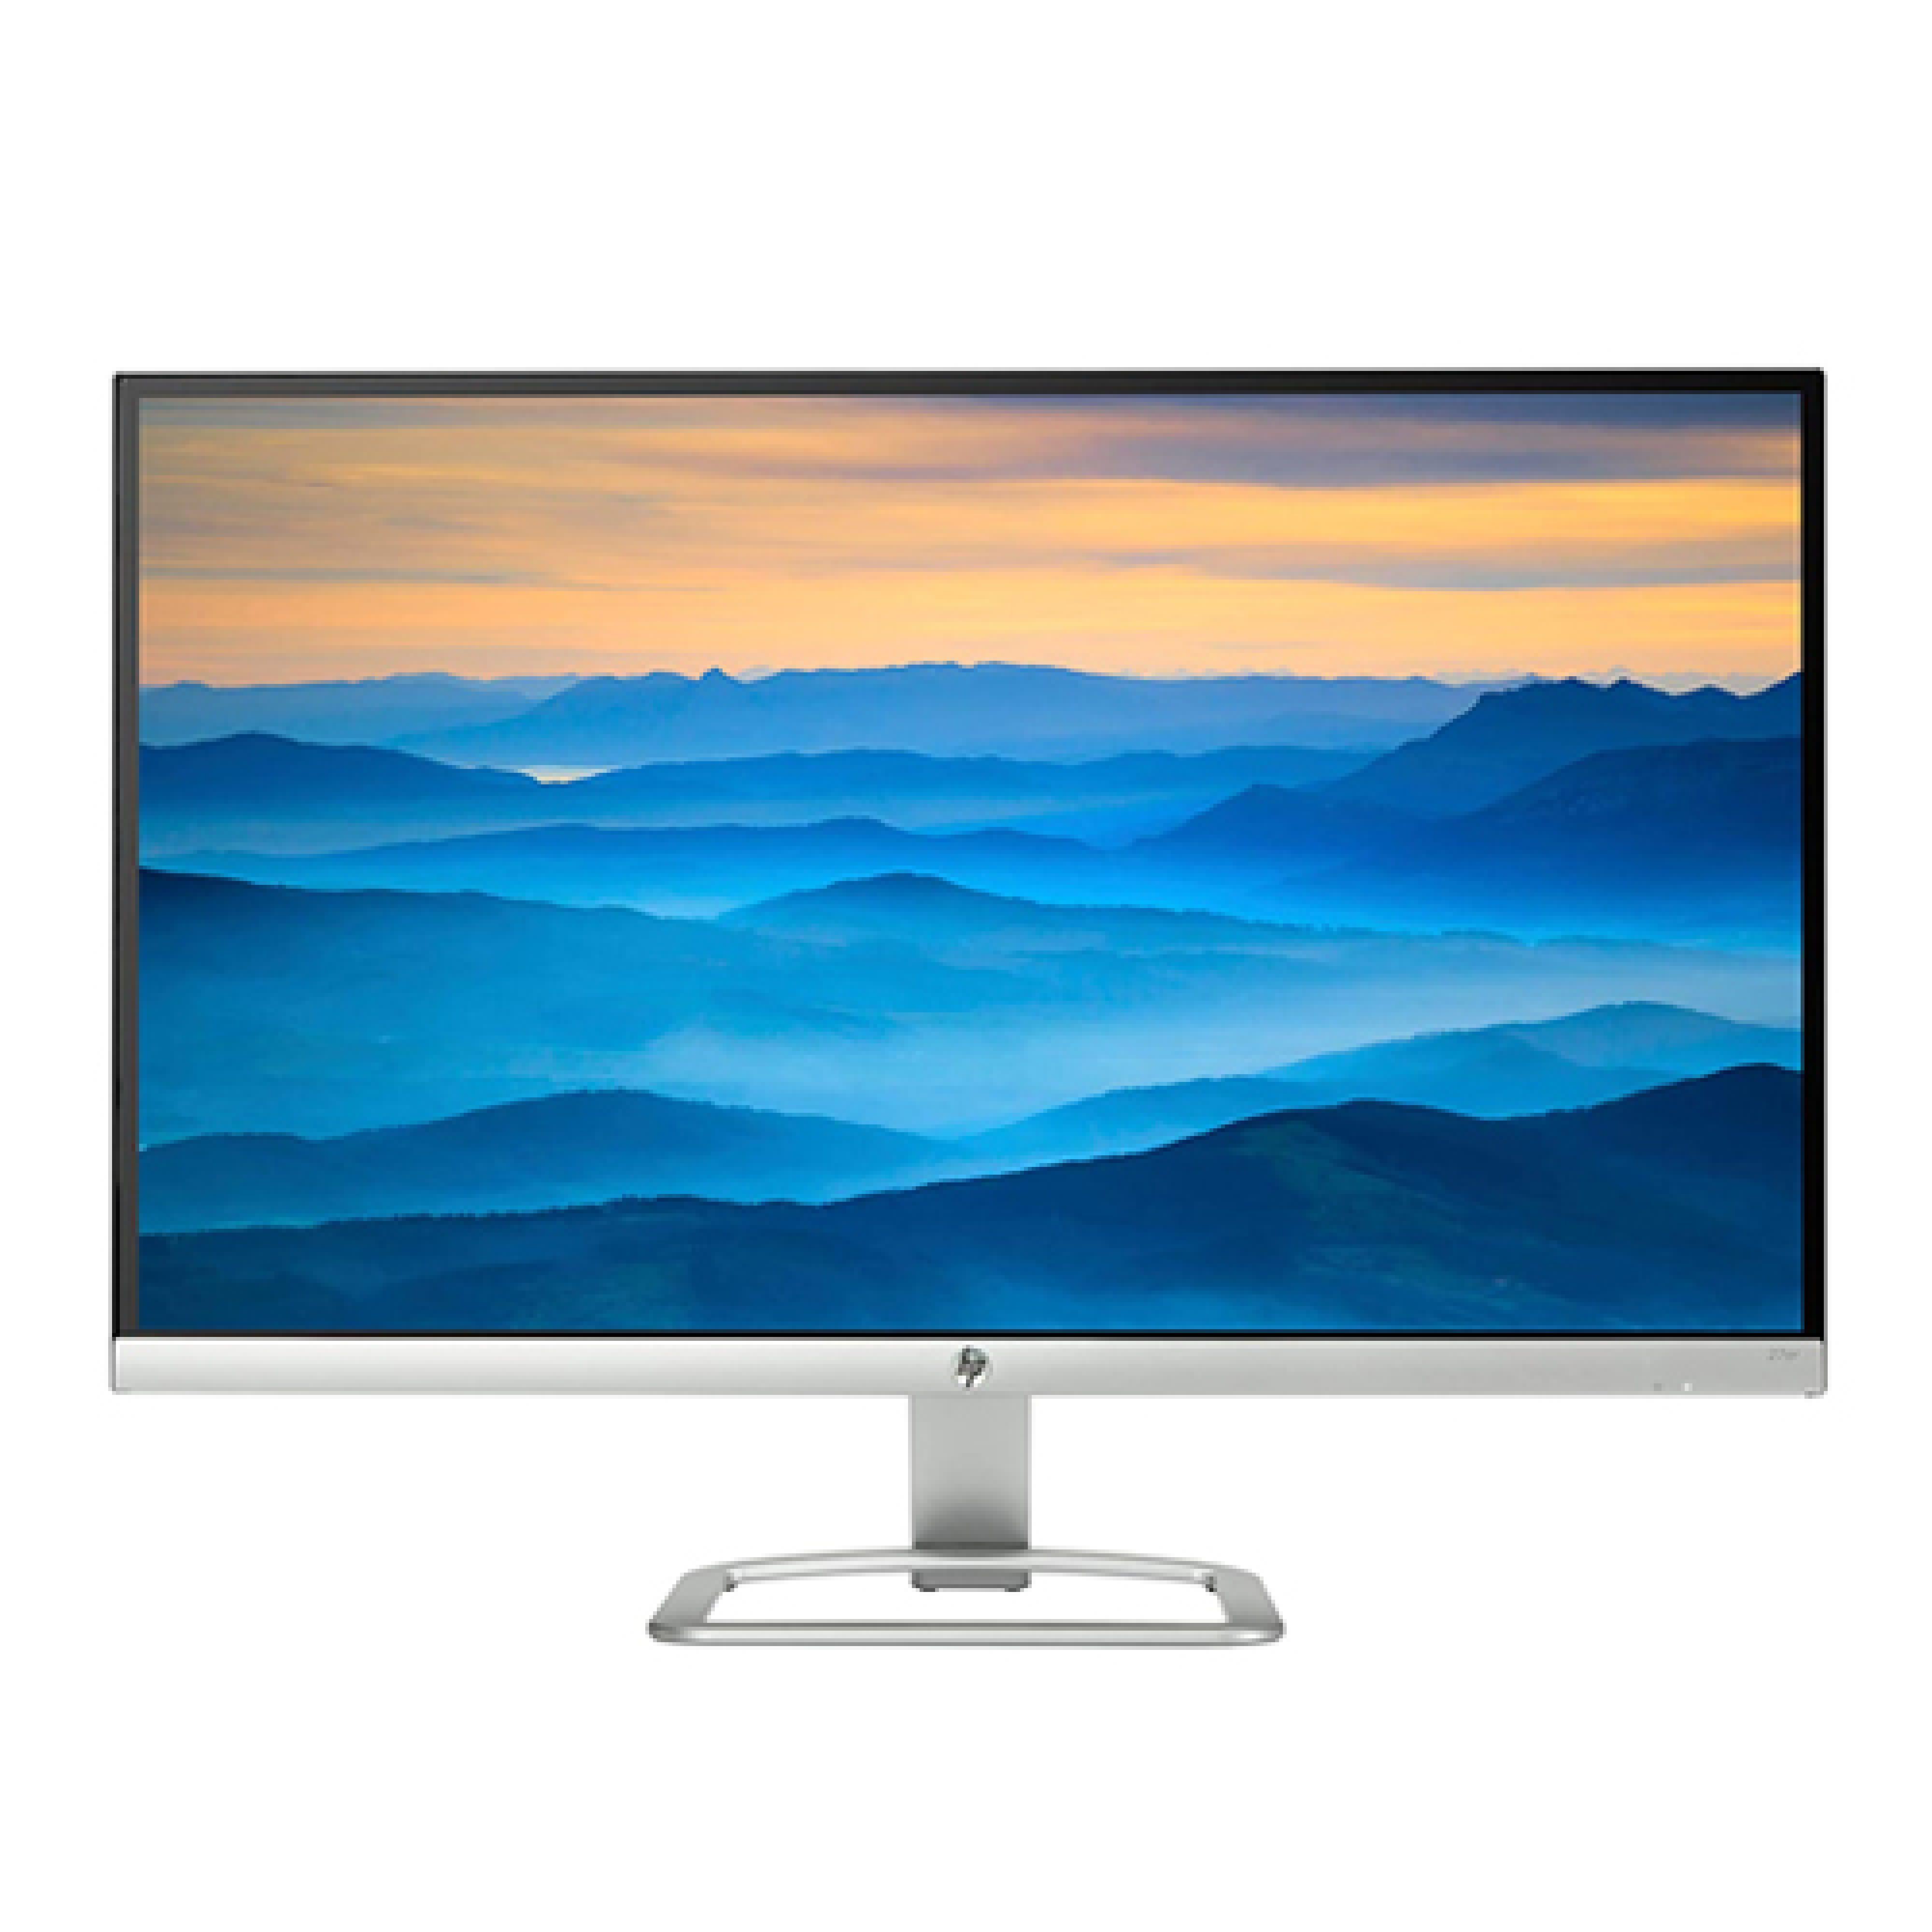 Best Monitor Under 300 Dollars 2021